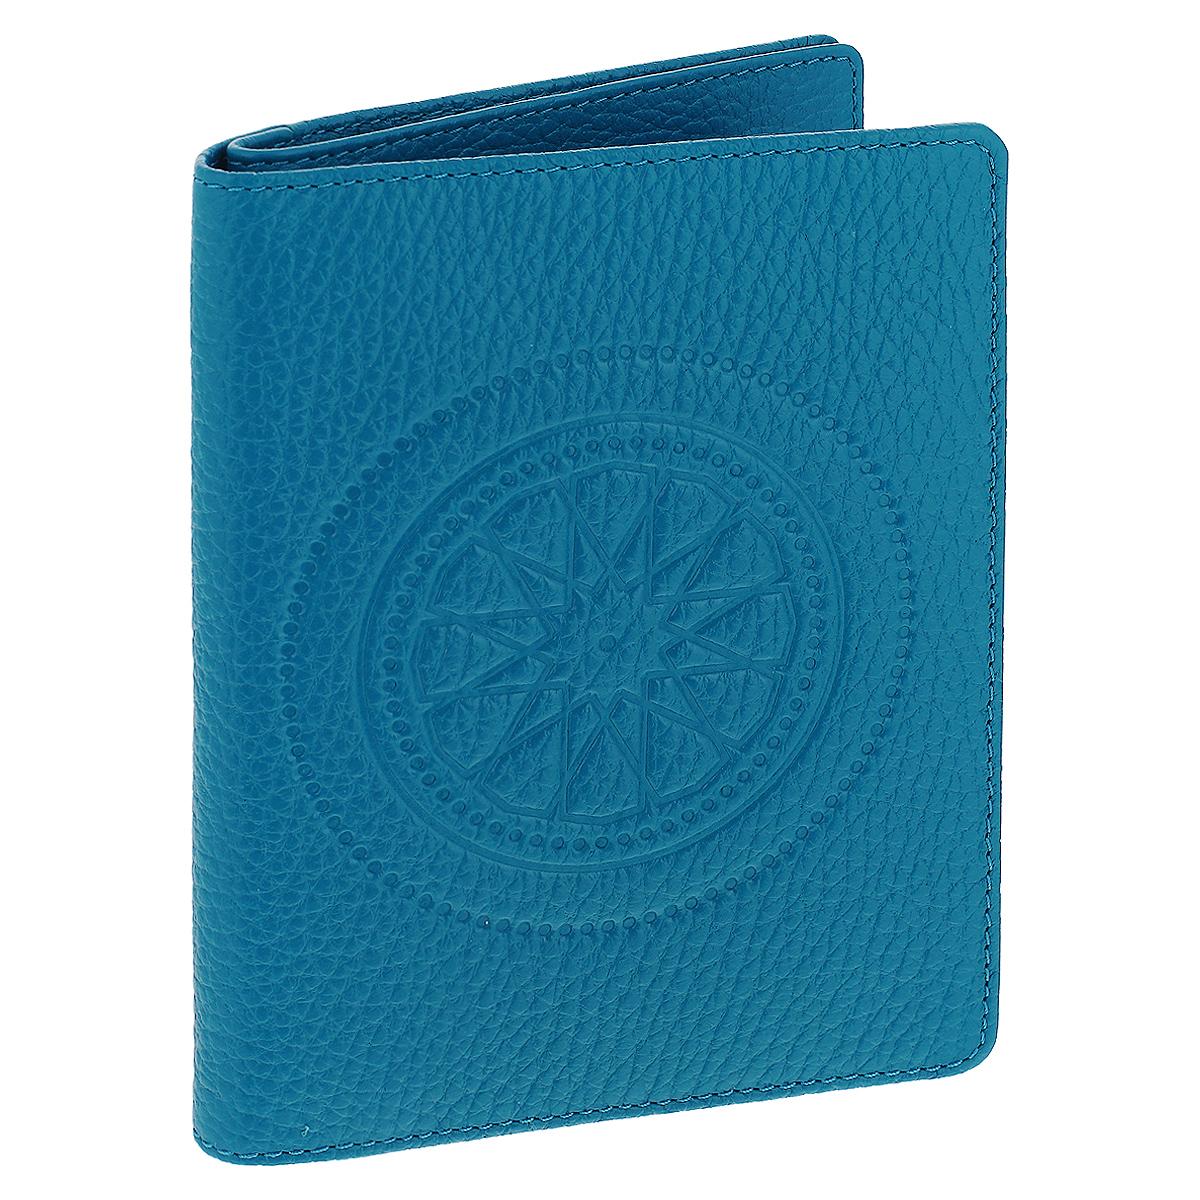 Бумажник водителя Askent Talisman, цвет: голубой. BV.49.SNBV.49.SN. голубойБумажник водителя Askent Talisman выполнен из натуральной кожи с декоративным тиснением в виде талисмана. На внутреннем развороте имеет отделение для паспорта на кнопке, три кармана из кожи, один полукарман из кожи, семь карманов для кредитных карт и внутренний блок из прозрачного пластика (6 карманов). Такой бумажник станет отличным подарком для человека, ценящего качественные и необычные вещи.